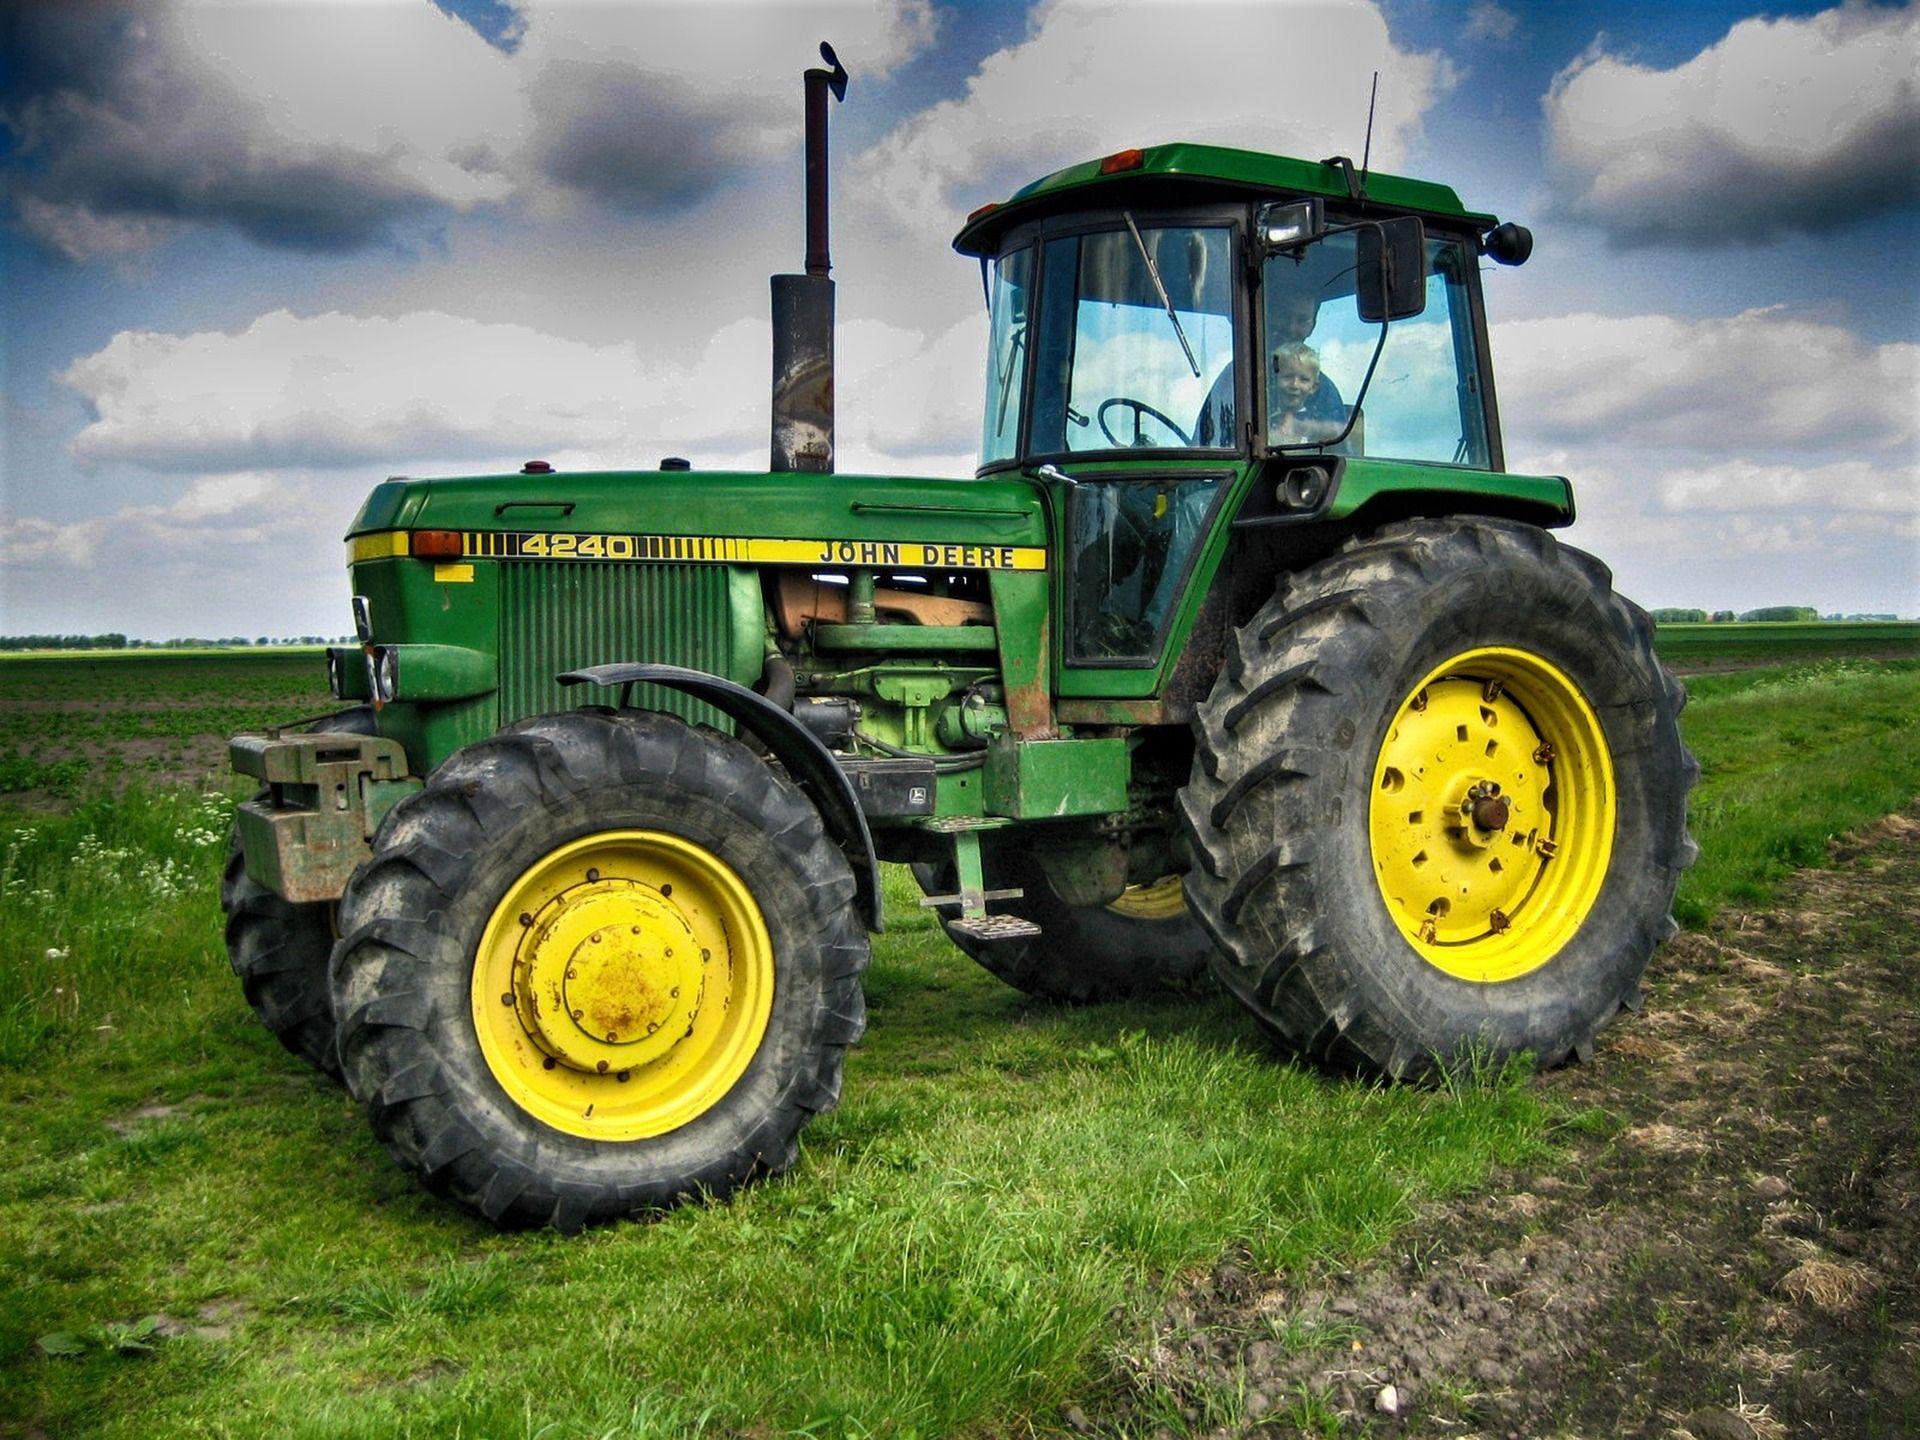 John Deere 4240 Tractor Wallpaper Download   John Deere 1920x1440